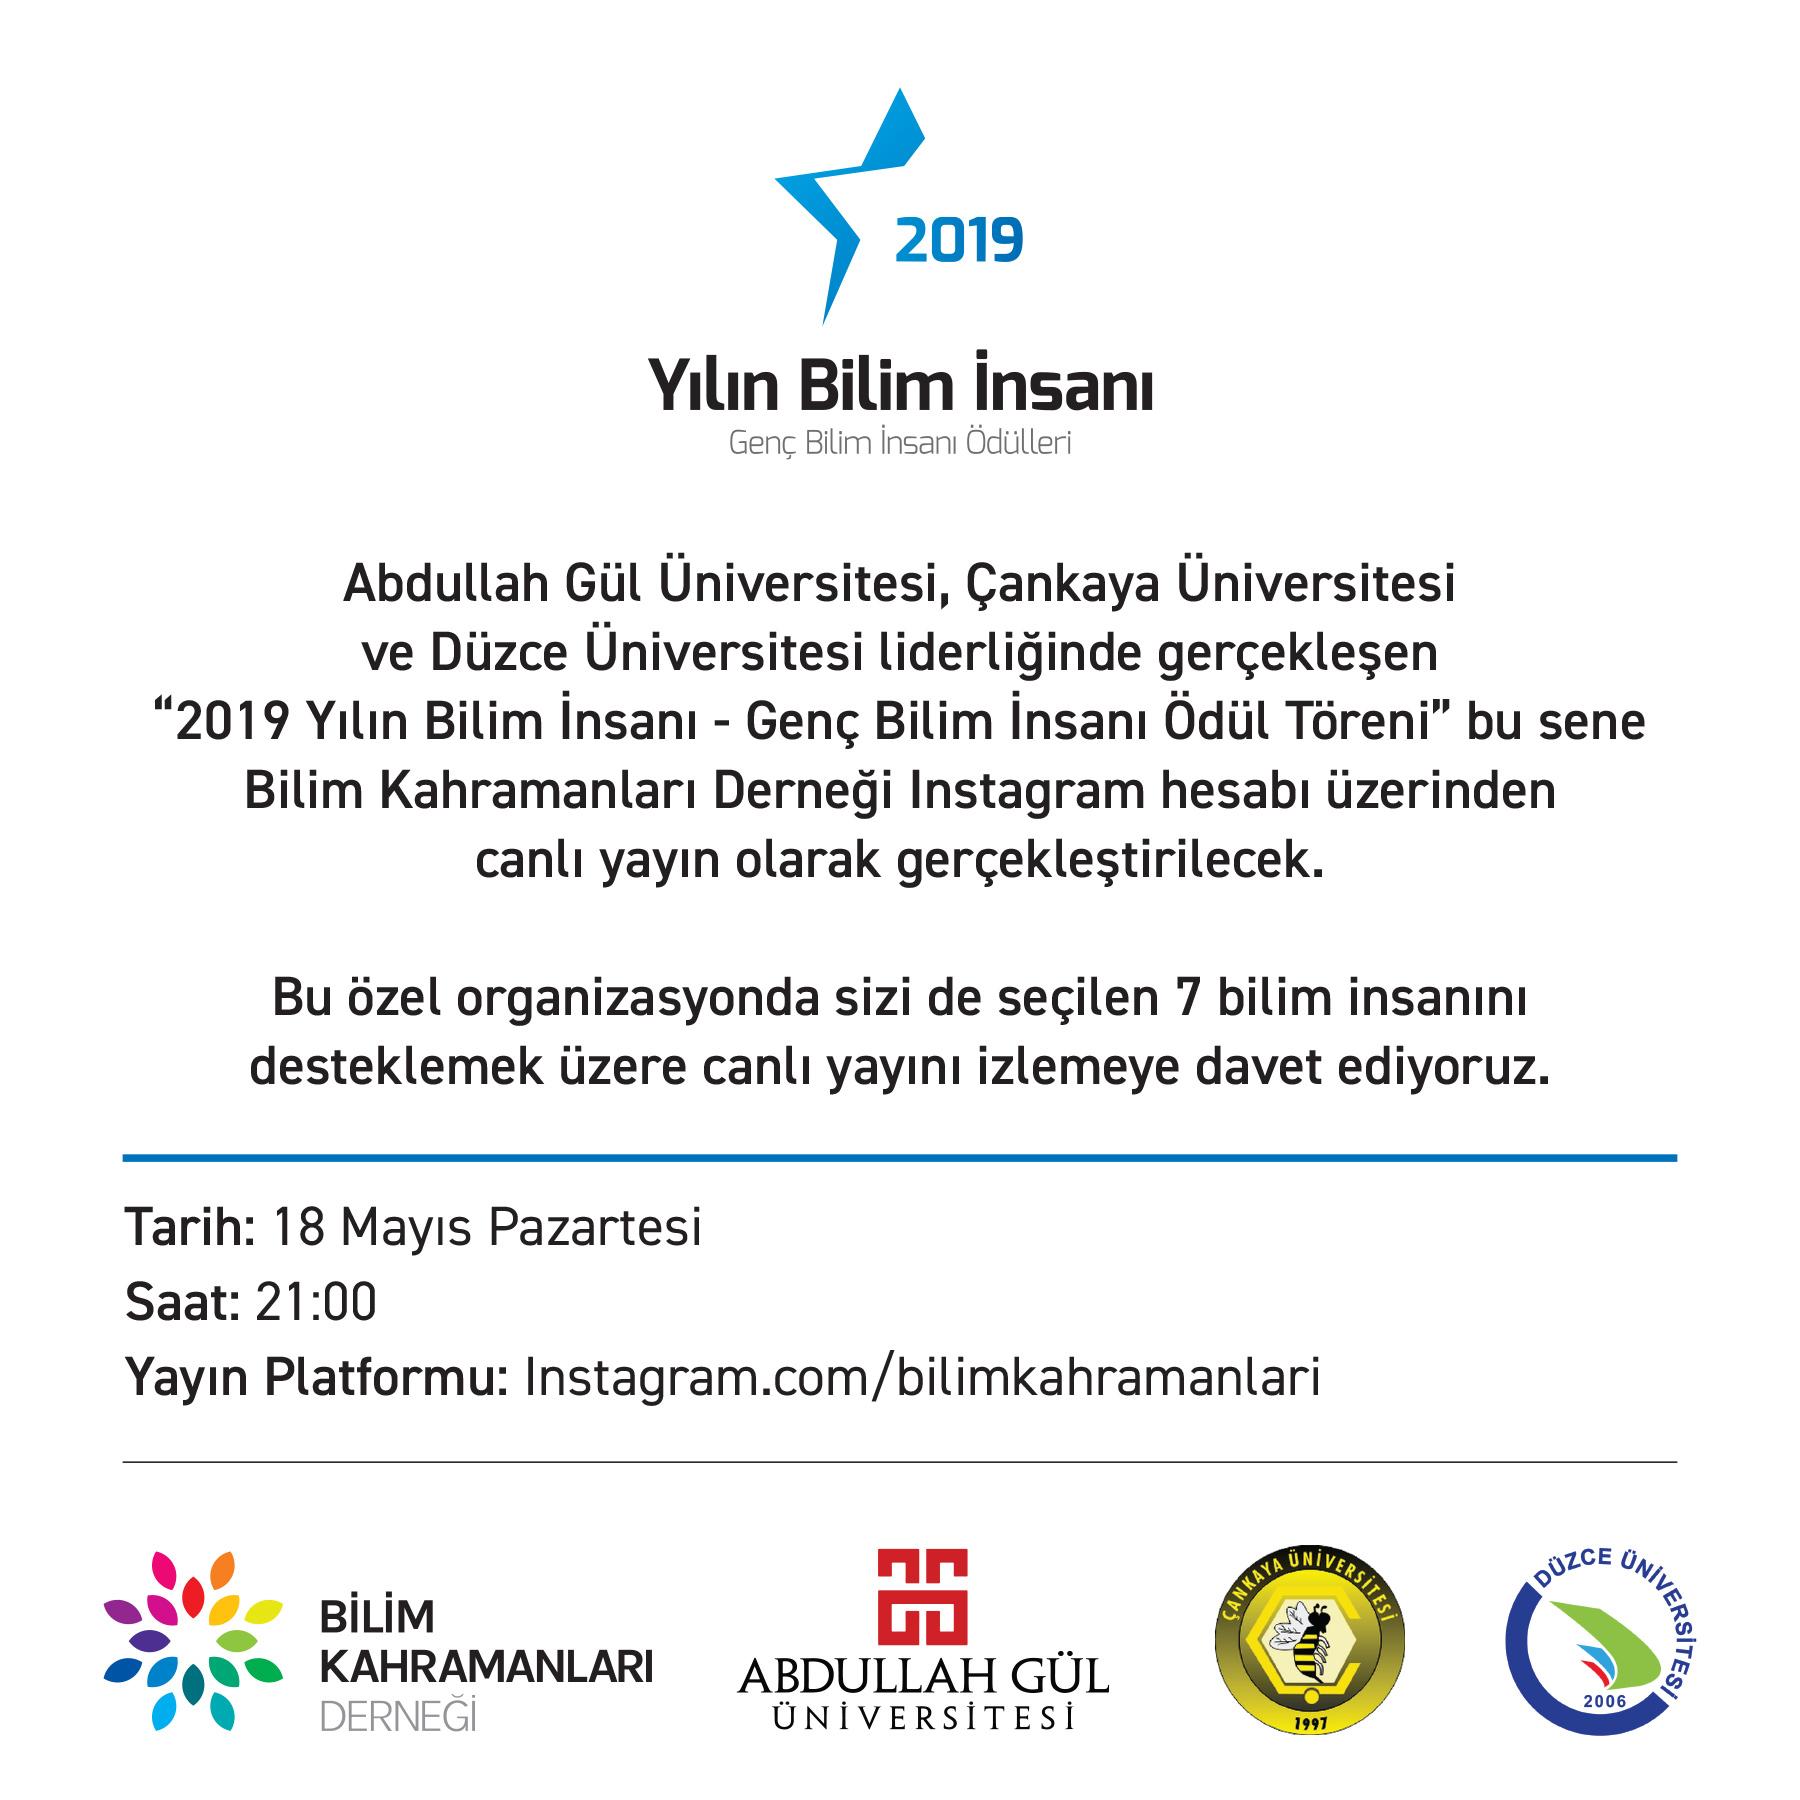 Davetlisiniz: 2019 Yılın Bilim İnsanı - Genç Bilim İnsanı Ödül Töreni 18 Mayıs'ta Instagram Canlı Yayını ile Gerçekleşecek